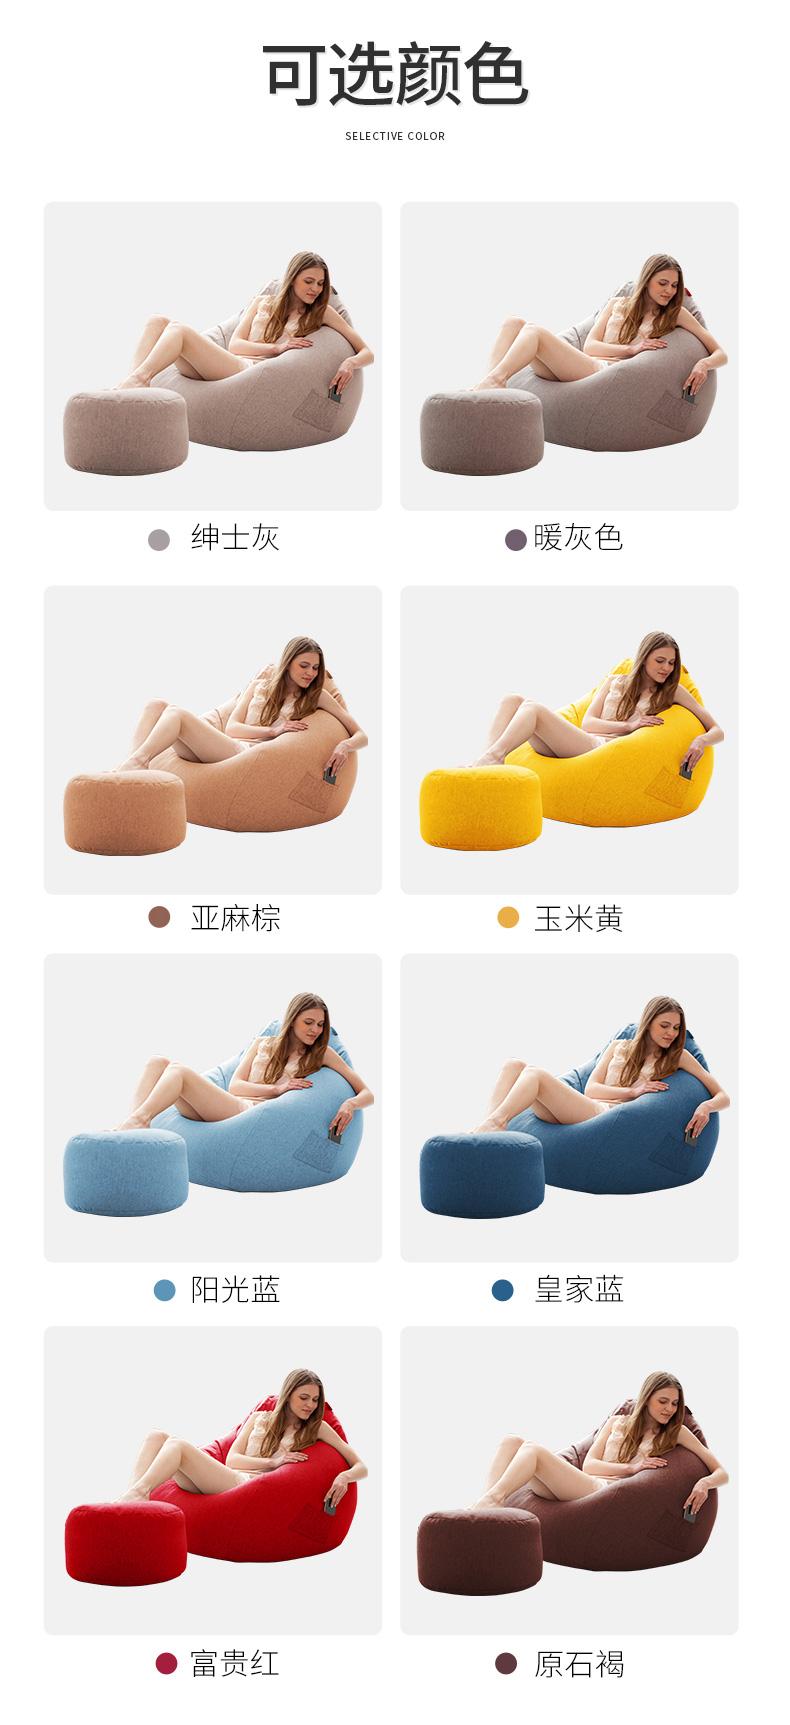 豆袋懒人沙发标准口袋款多色可选